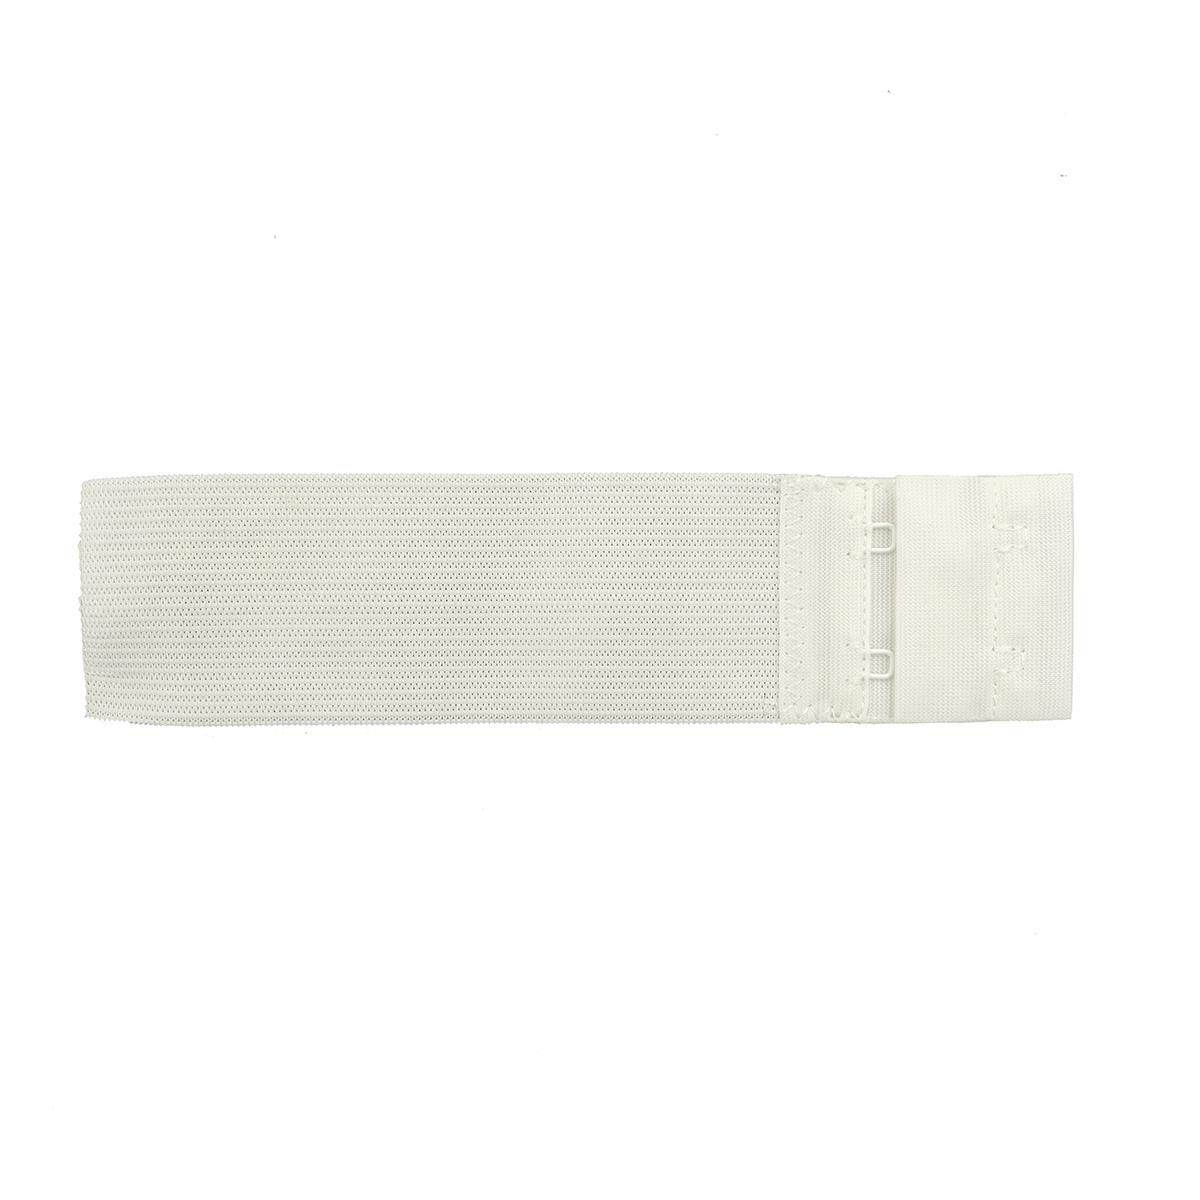 Застежка для бюстгальтера 38мм, 2 крючка, 1 шт., белый 852102, Hobby&Pro